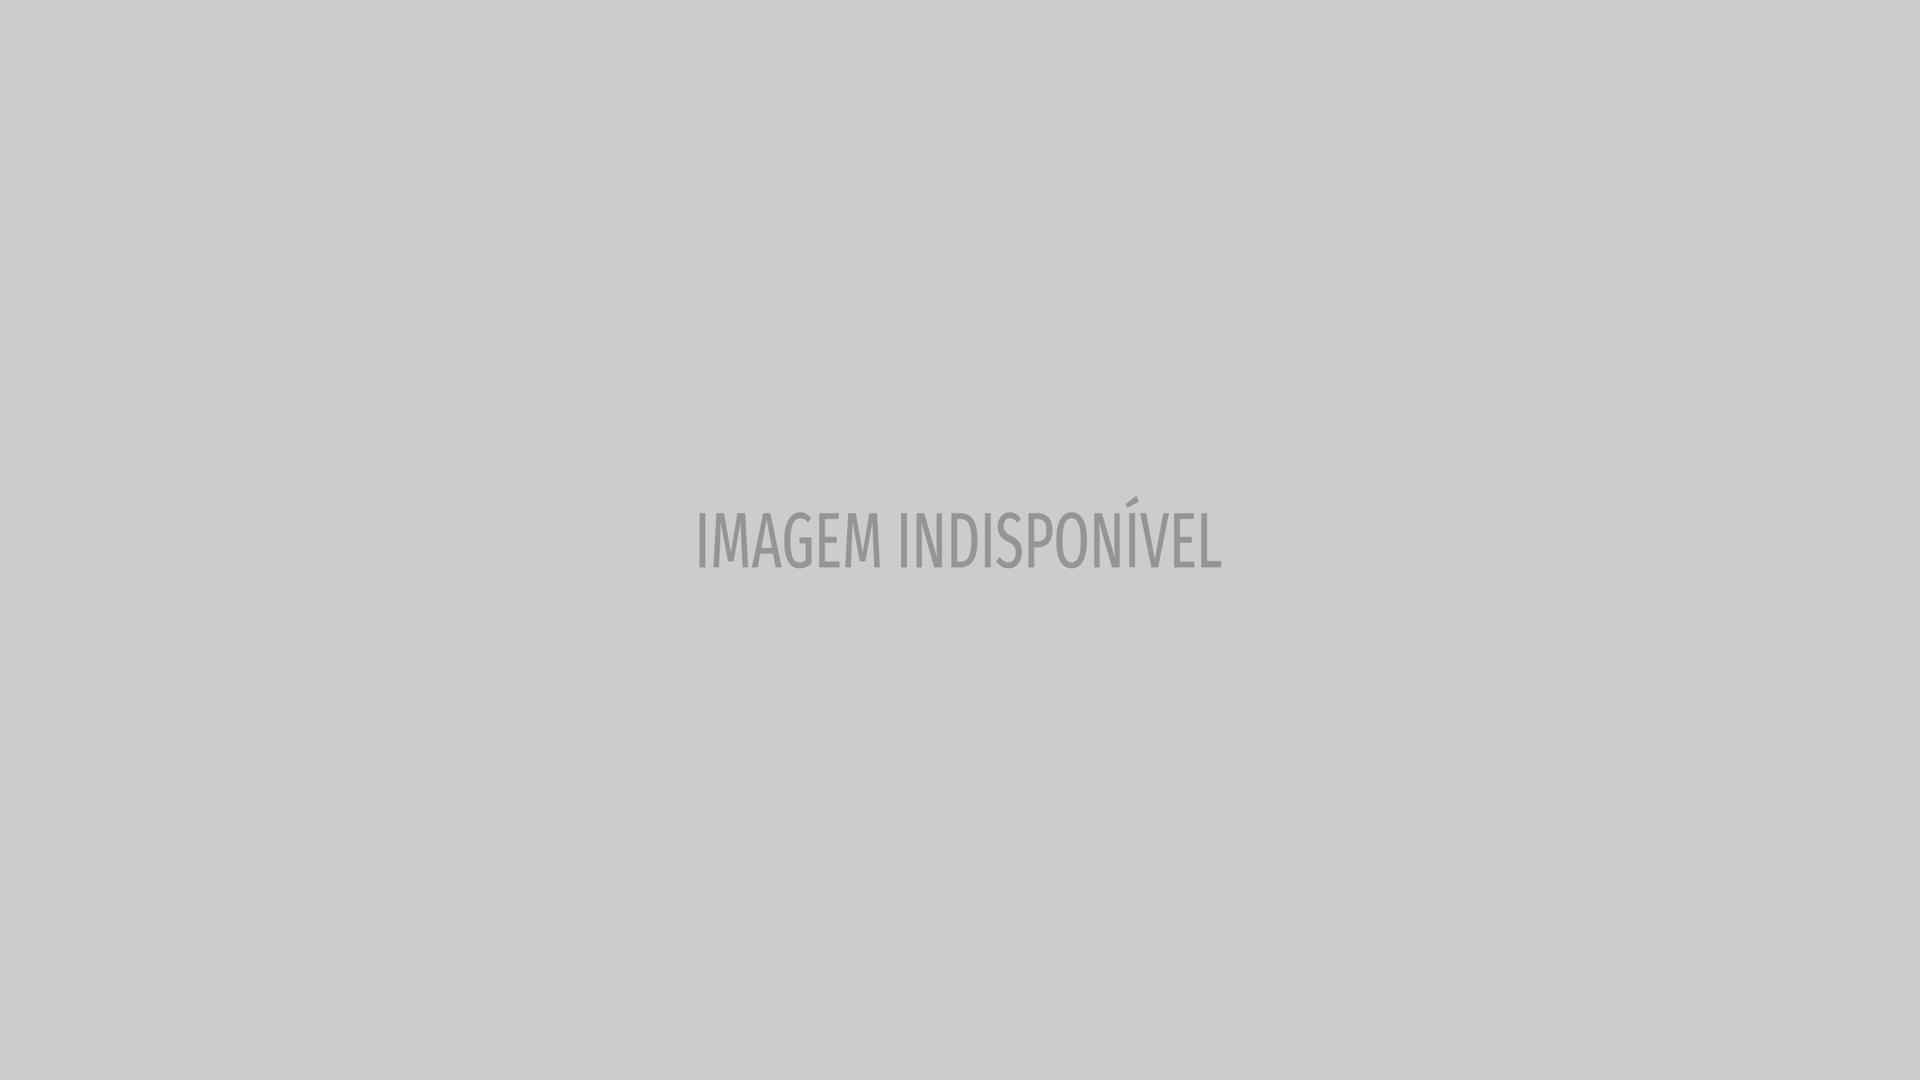 Integrante do Art Popular cai de sacada e passa por três cirurgias